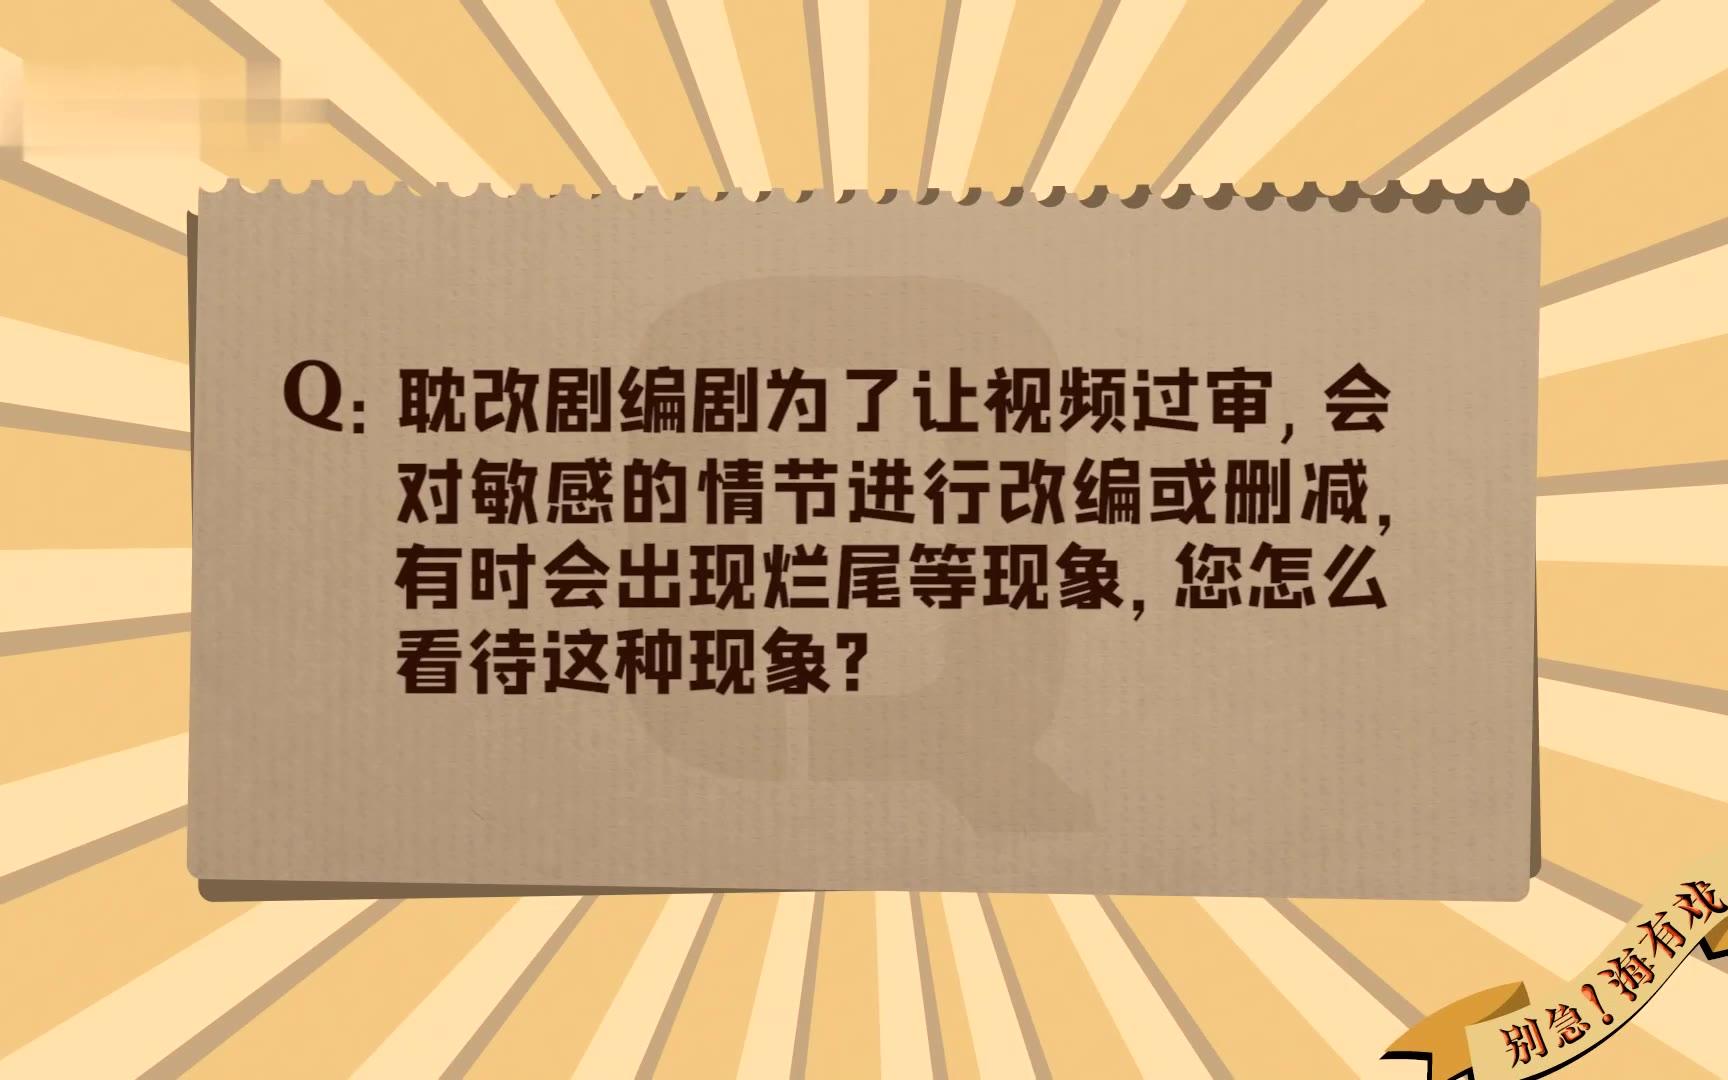 汪海林:打情色擦边球割腐女韭菜,耽改剧是对观众的冒犯